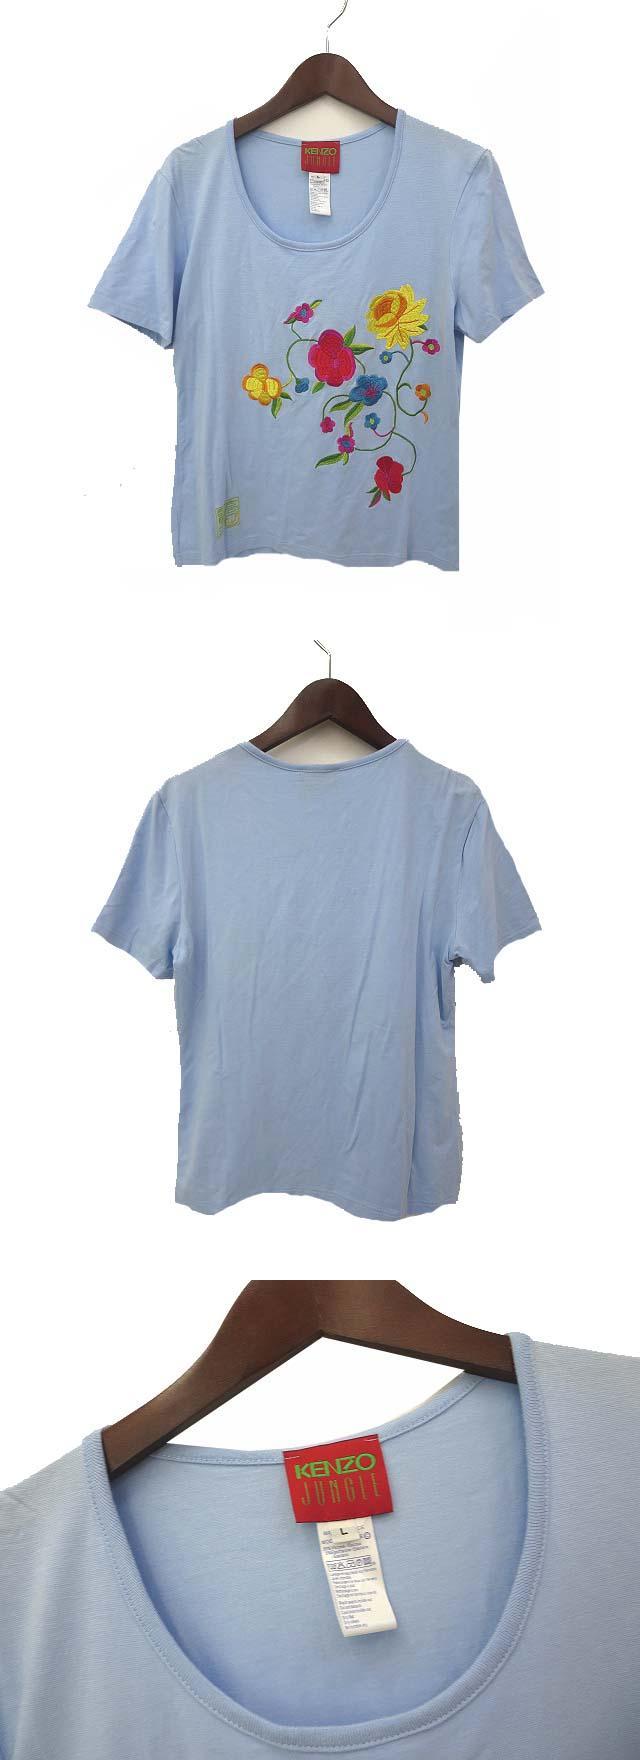 美品 KENZO JUNGLE ケンゾー ジャングル 花柄 刺繍 デザイン ストレッチ 半袖 Tシャツ カットソー L ライトブルー